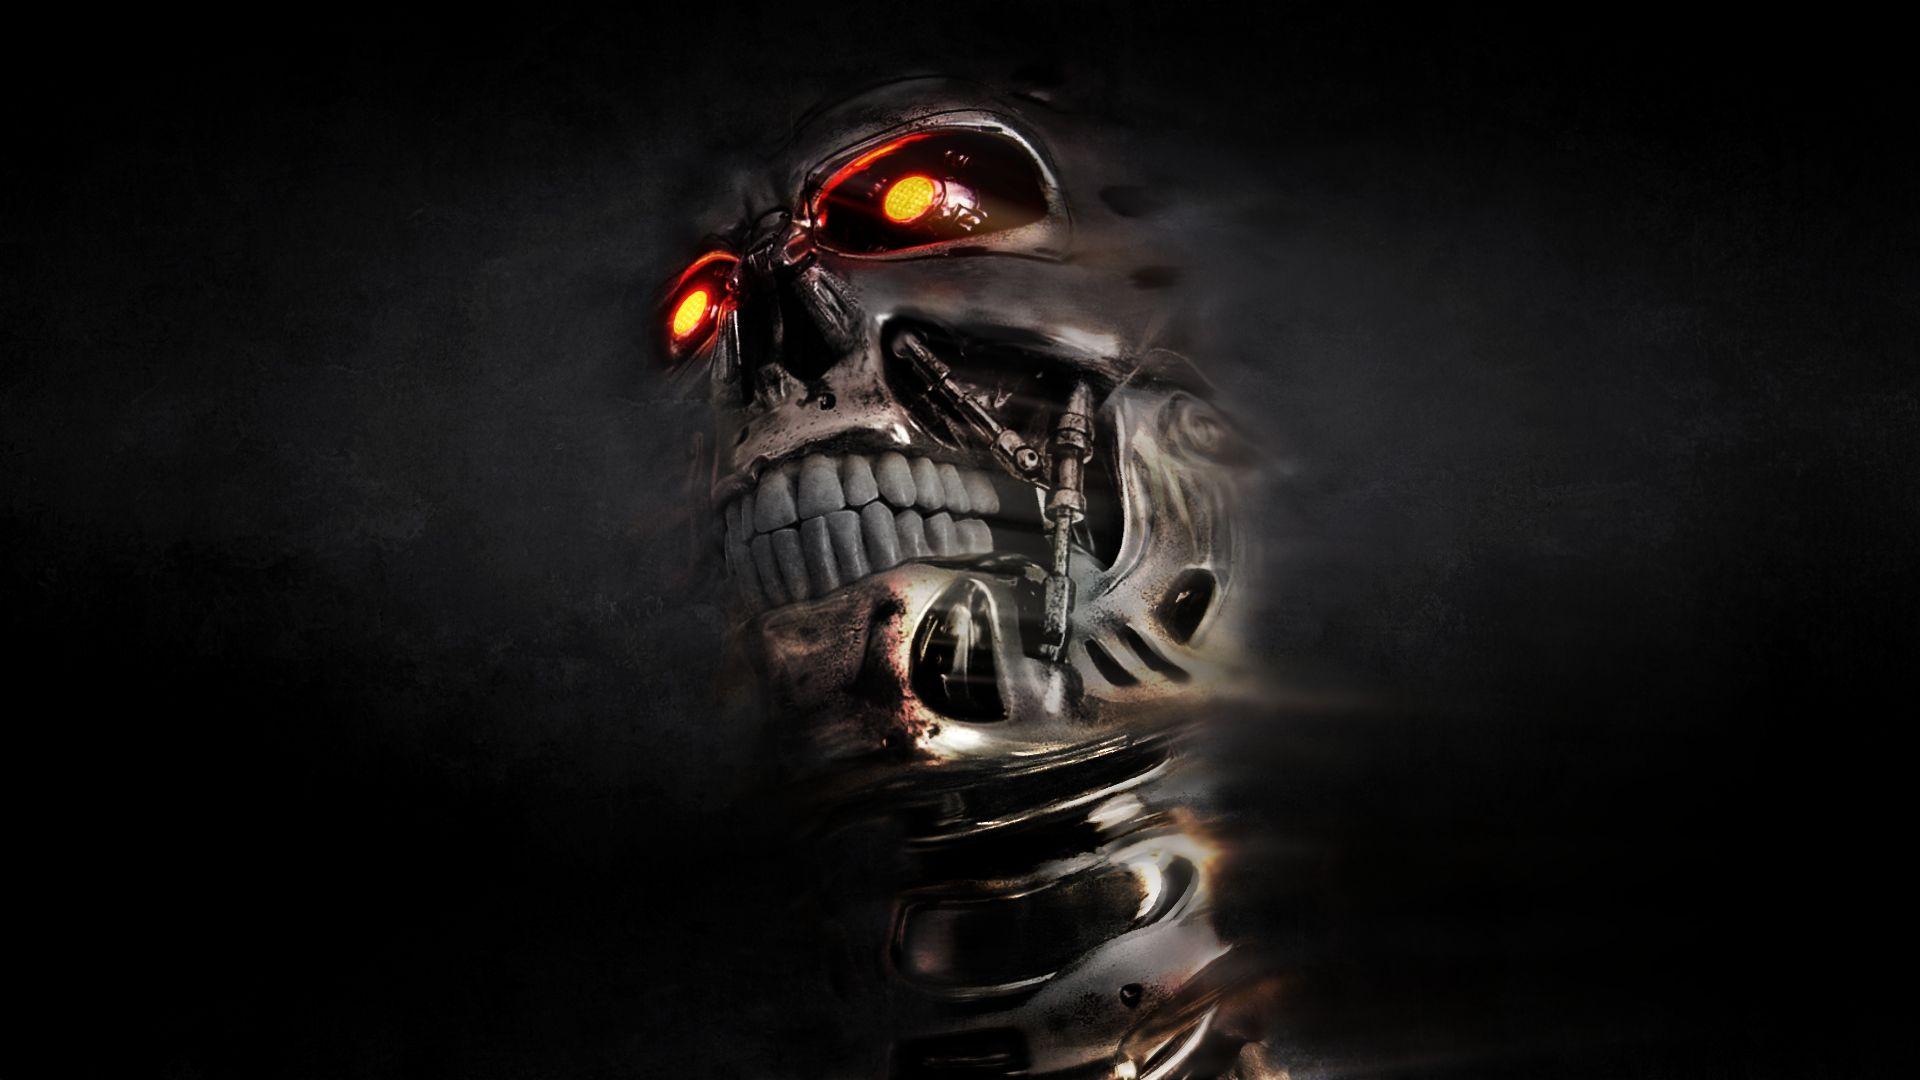 Hd Skull Wallpapers 1080p Skull Wallpaper Hd Skull Wallpapers Ghost Rider Wallpaper